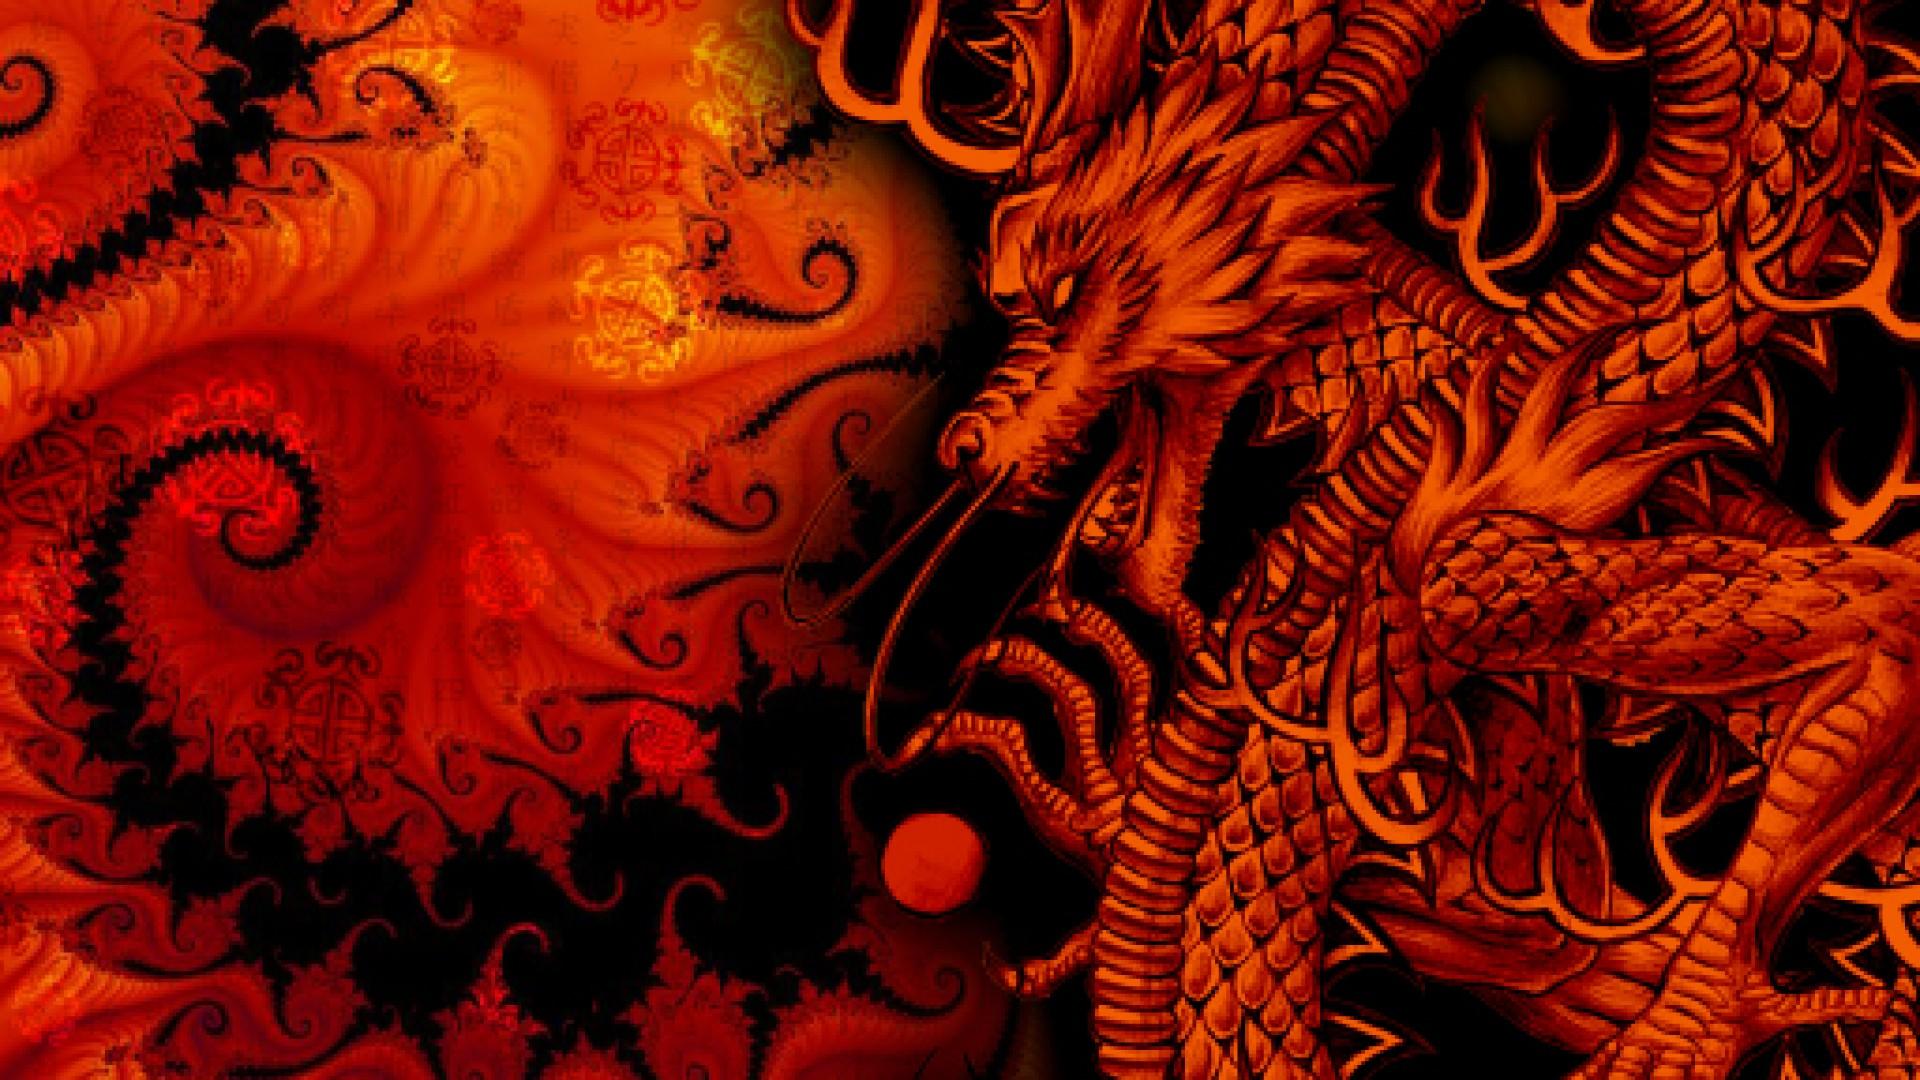 Wallpaper De Dragones  Taringa